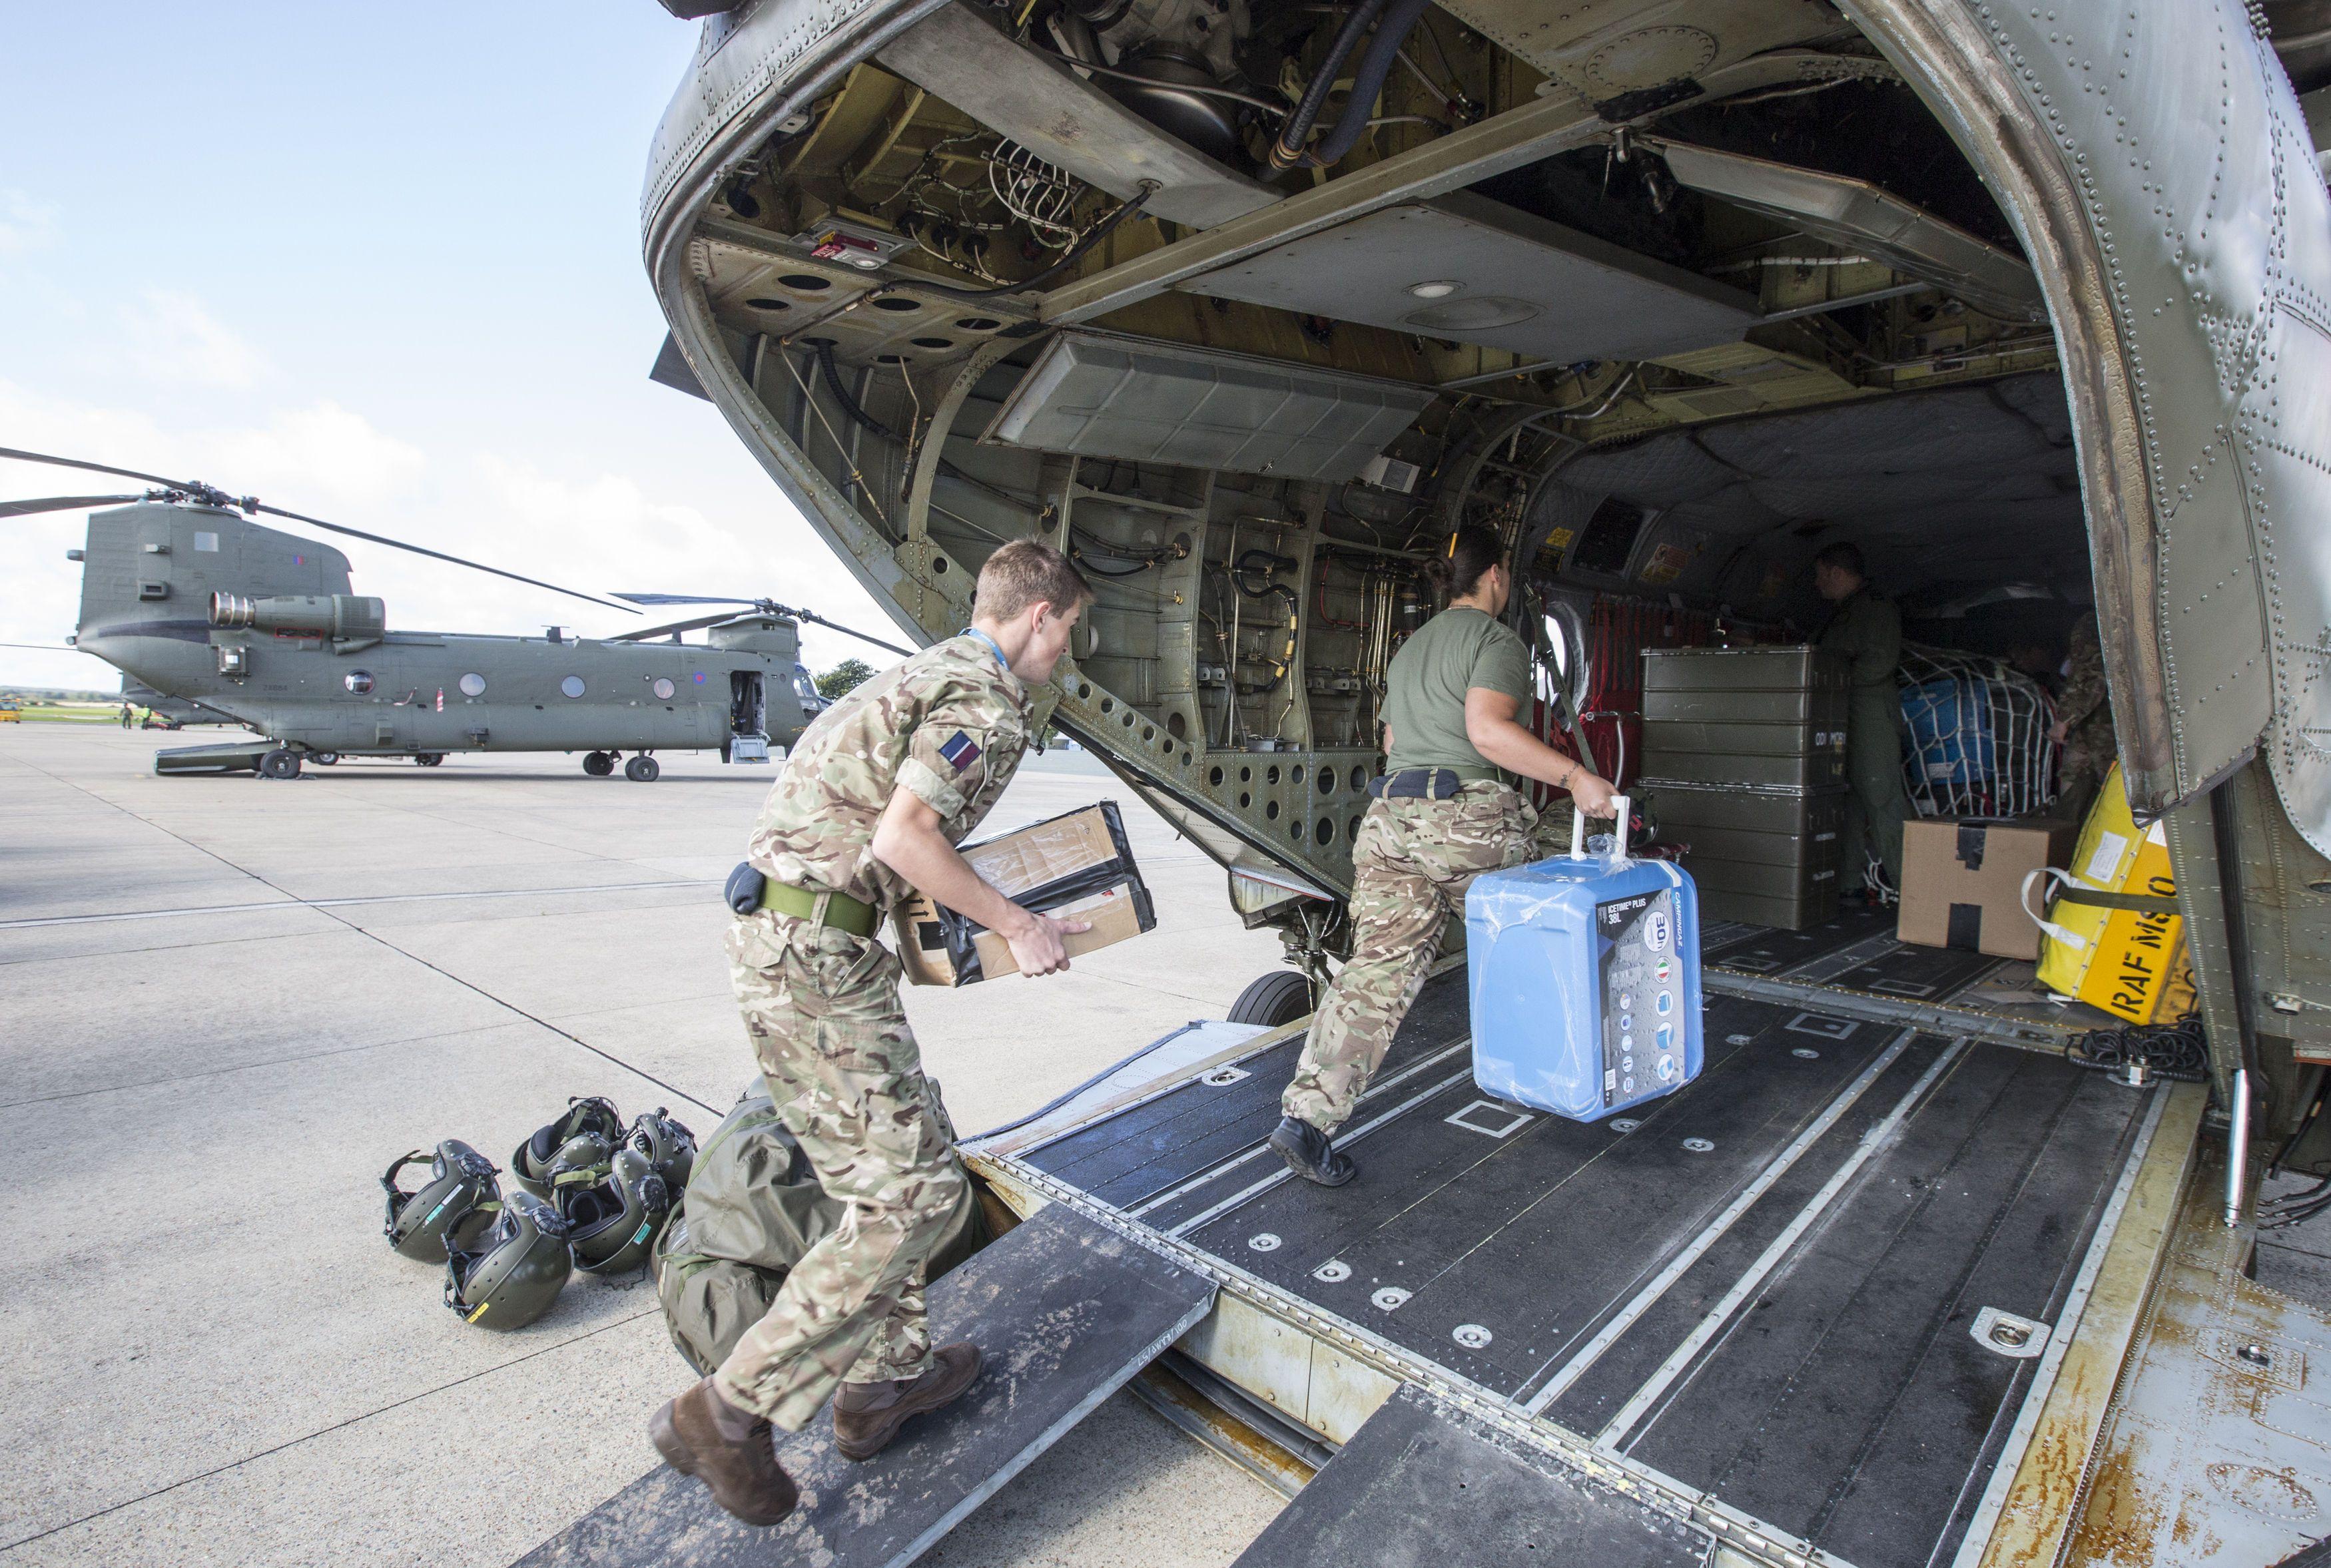 A emergência decretada pelo furacão 'Irma': HMS 'Ocean' chega a Gibraltar amanhã, para embarcar os suprimentos que serão levados às vítimas da devastação no Caribe